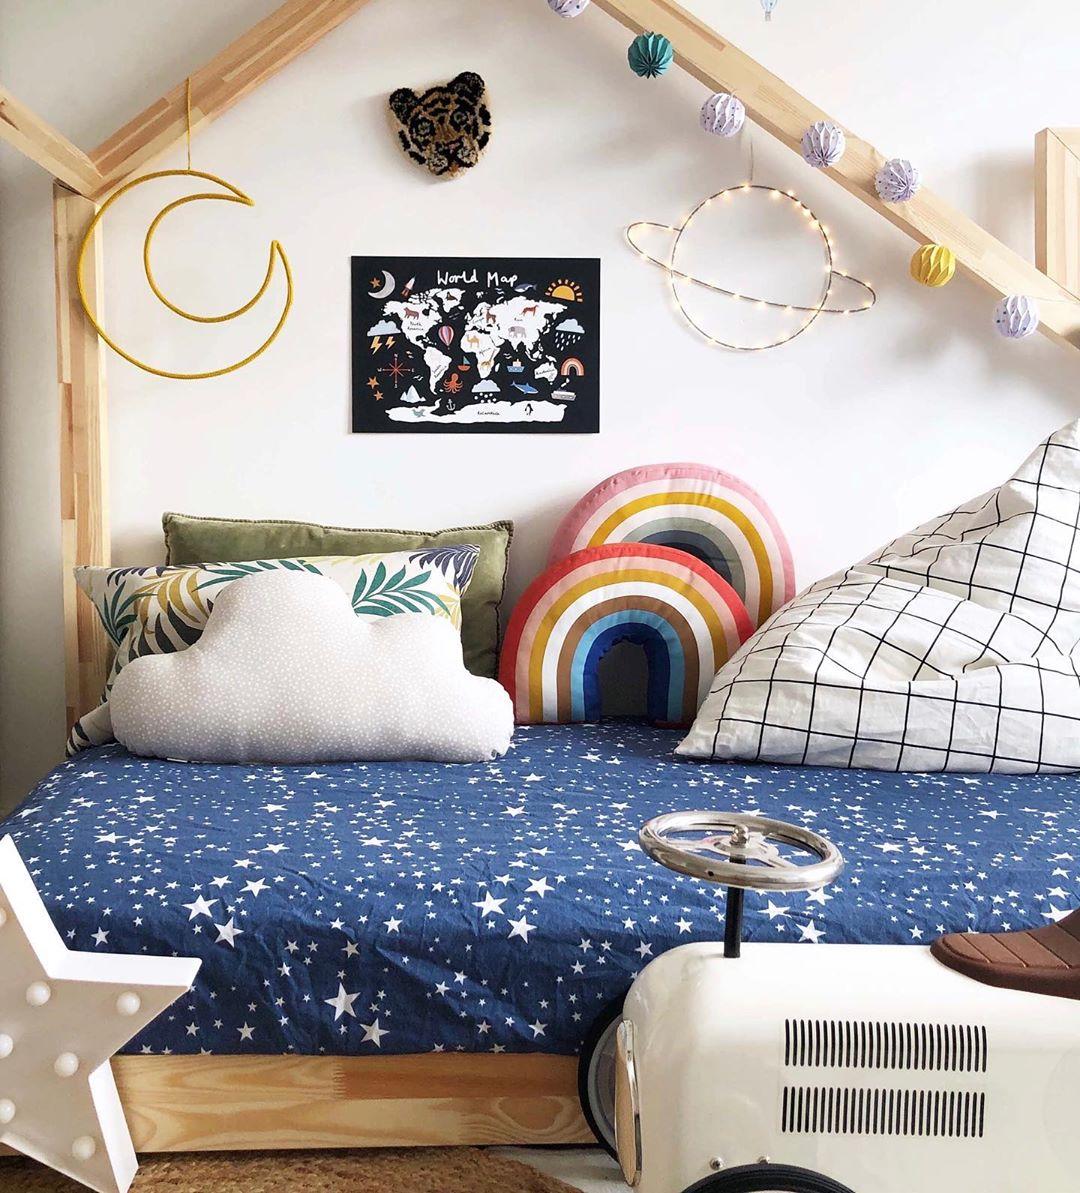 INS nordique arc-en-ciel traversin canapé oreiller bébé ensembles appuie-tête chambre d'enfants jouets décoration coloré belle chambre coussin